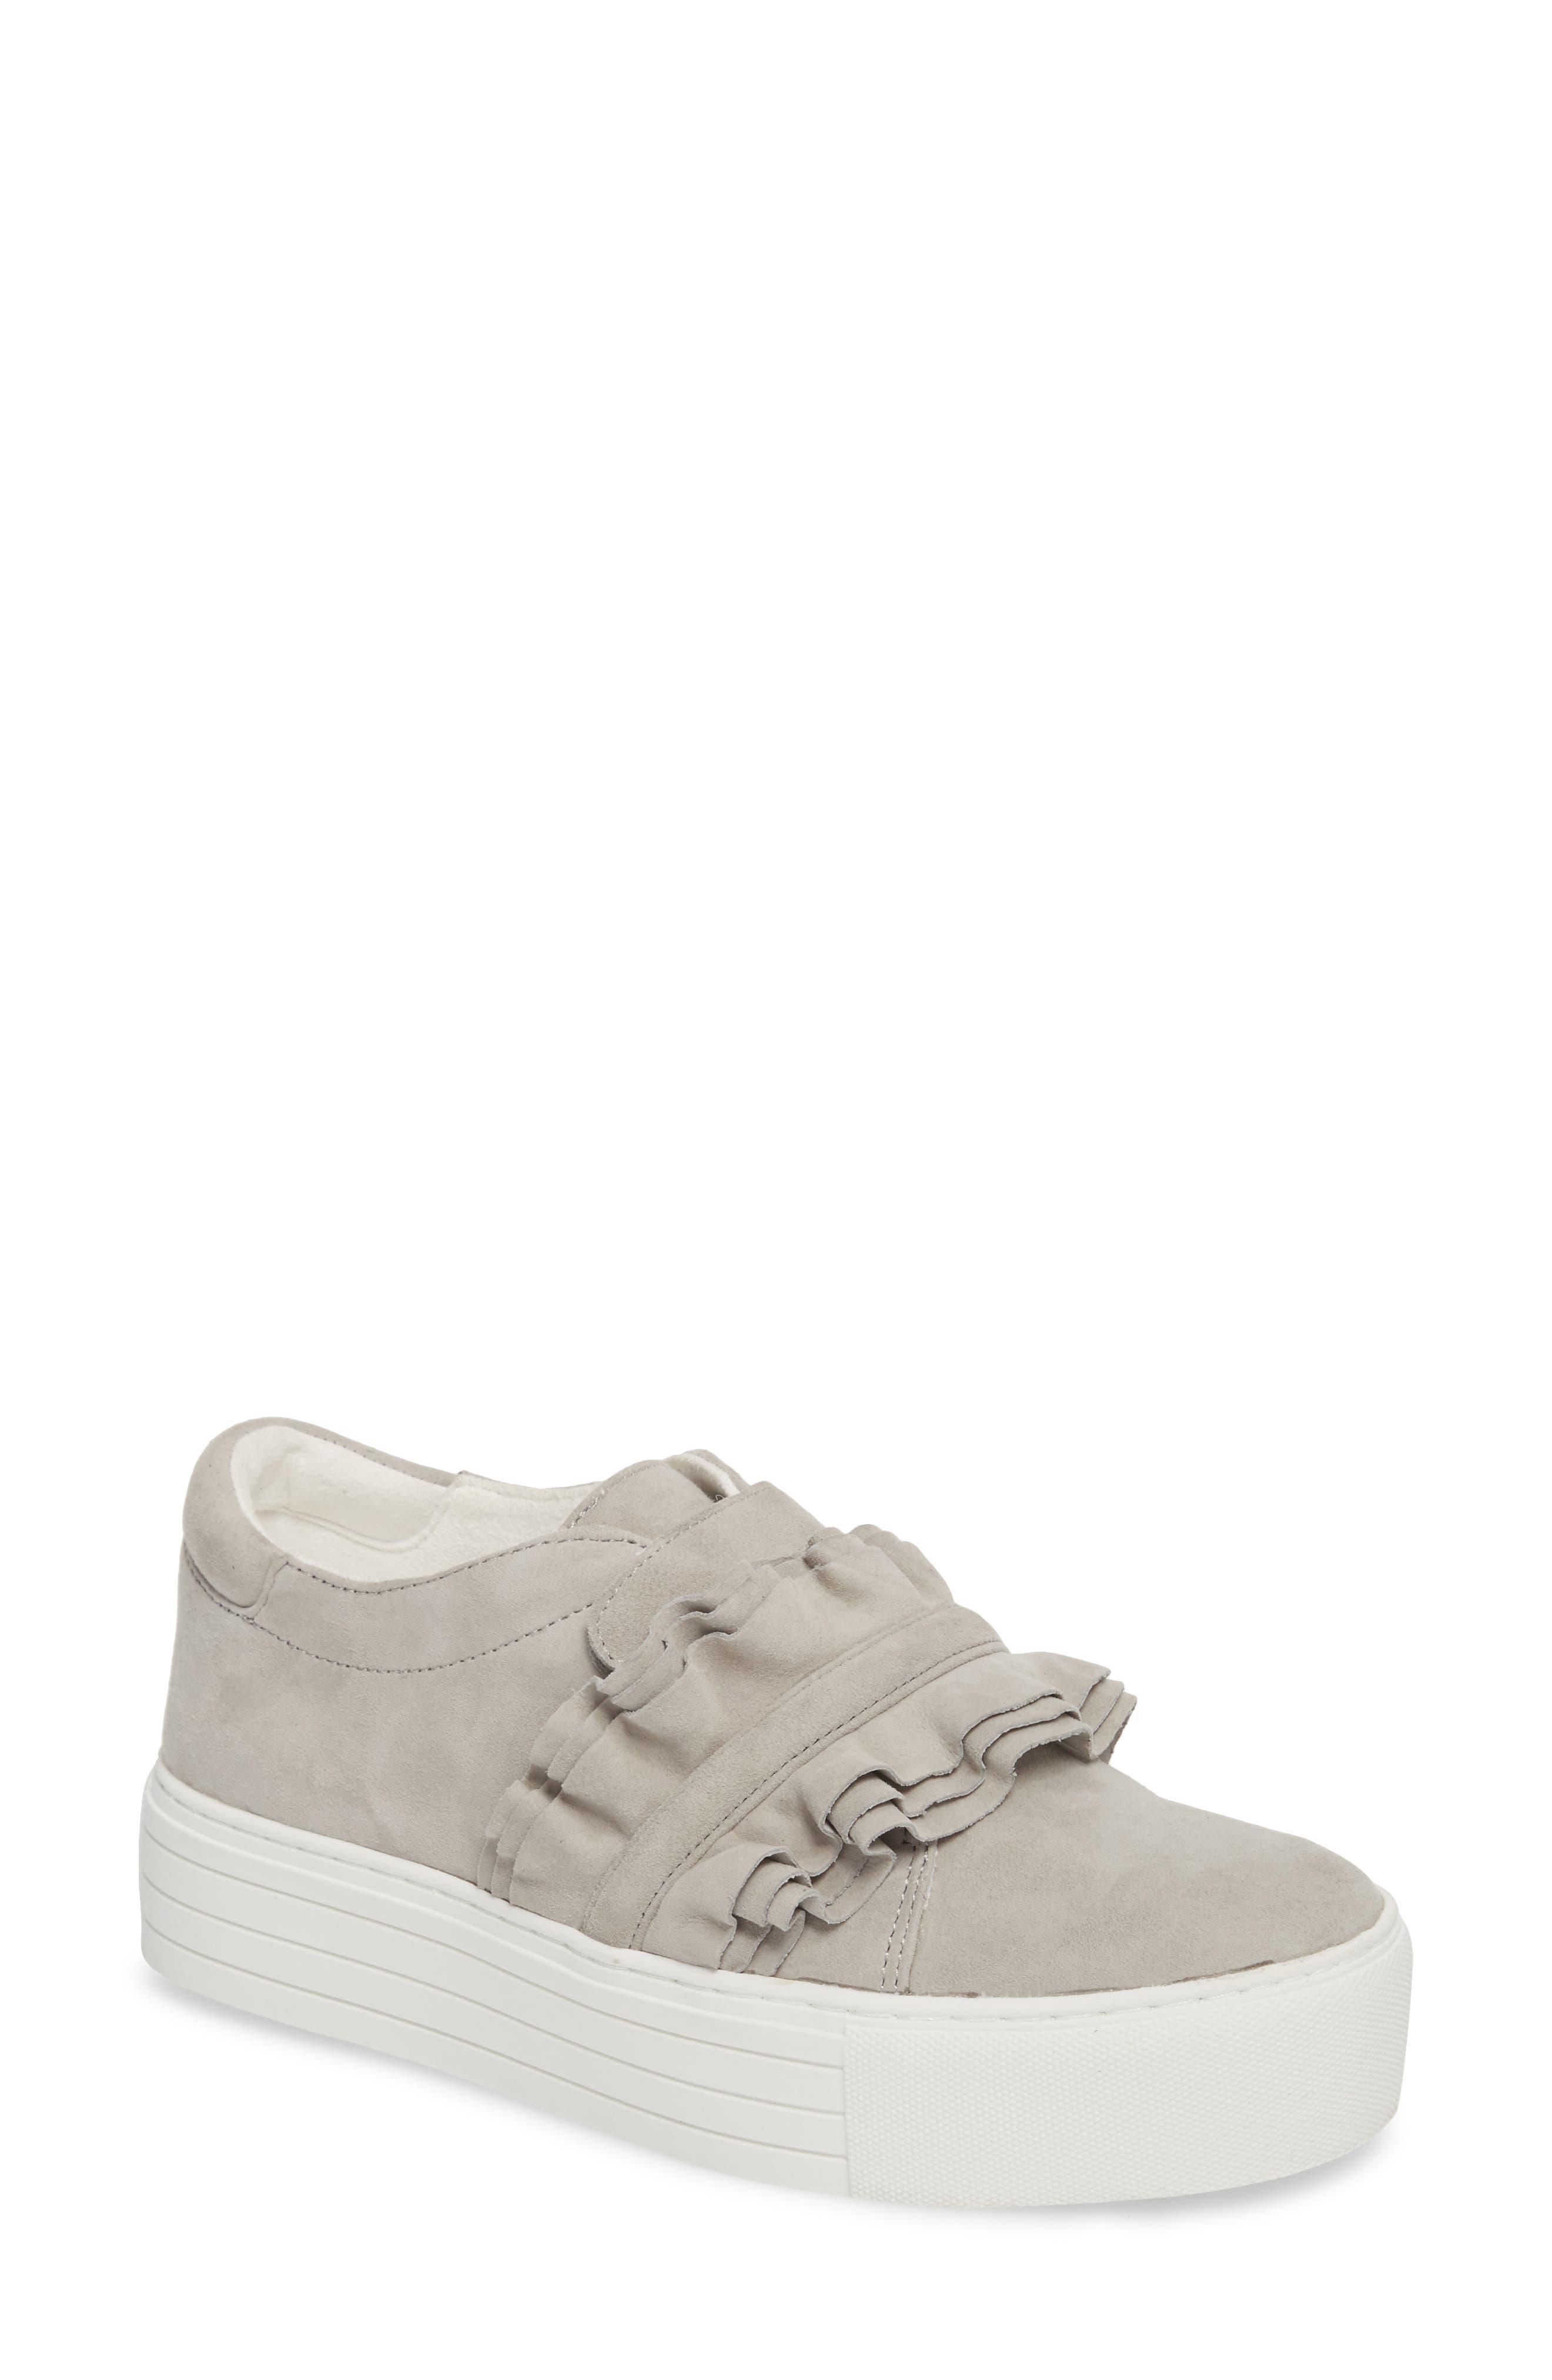 Ashlee Slip-On Sneaker,                         Main,                         color, 021